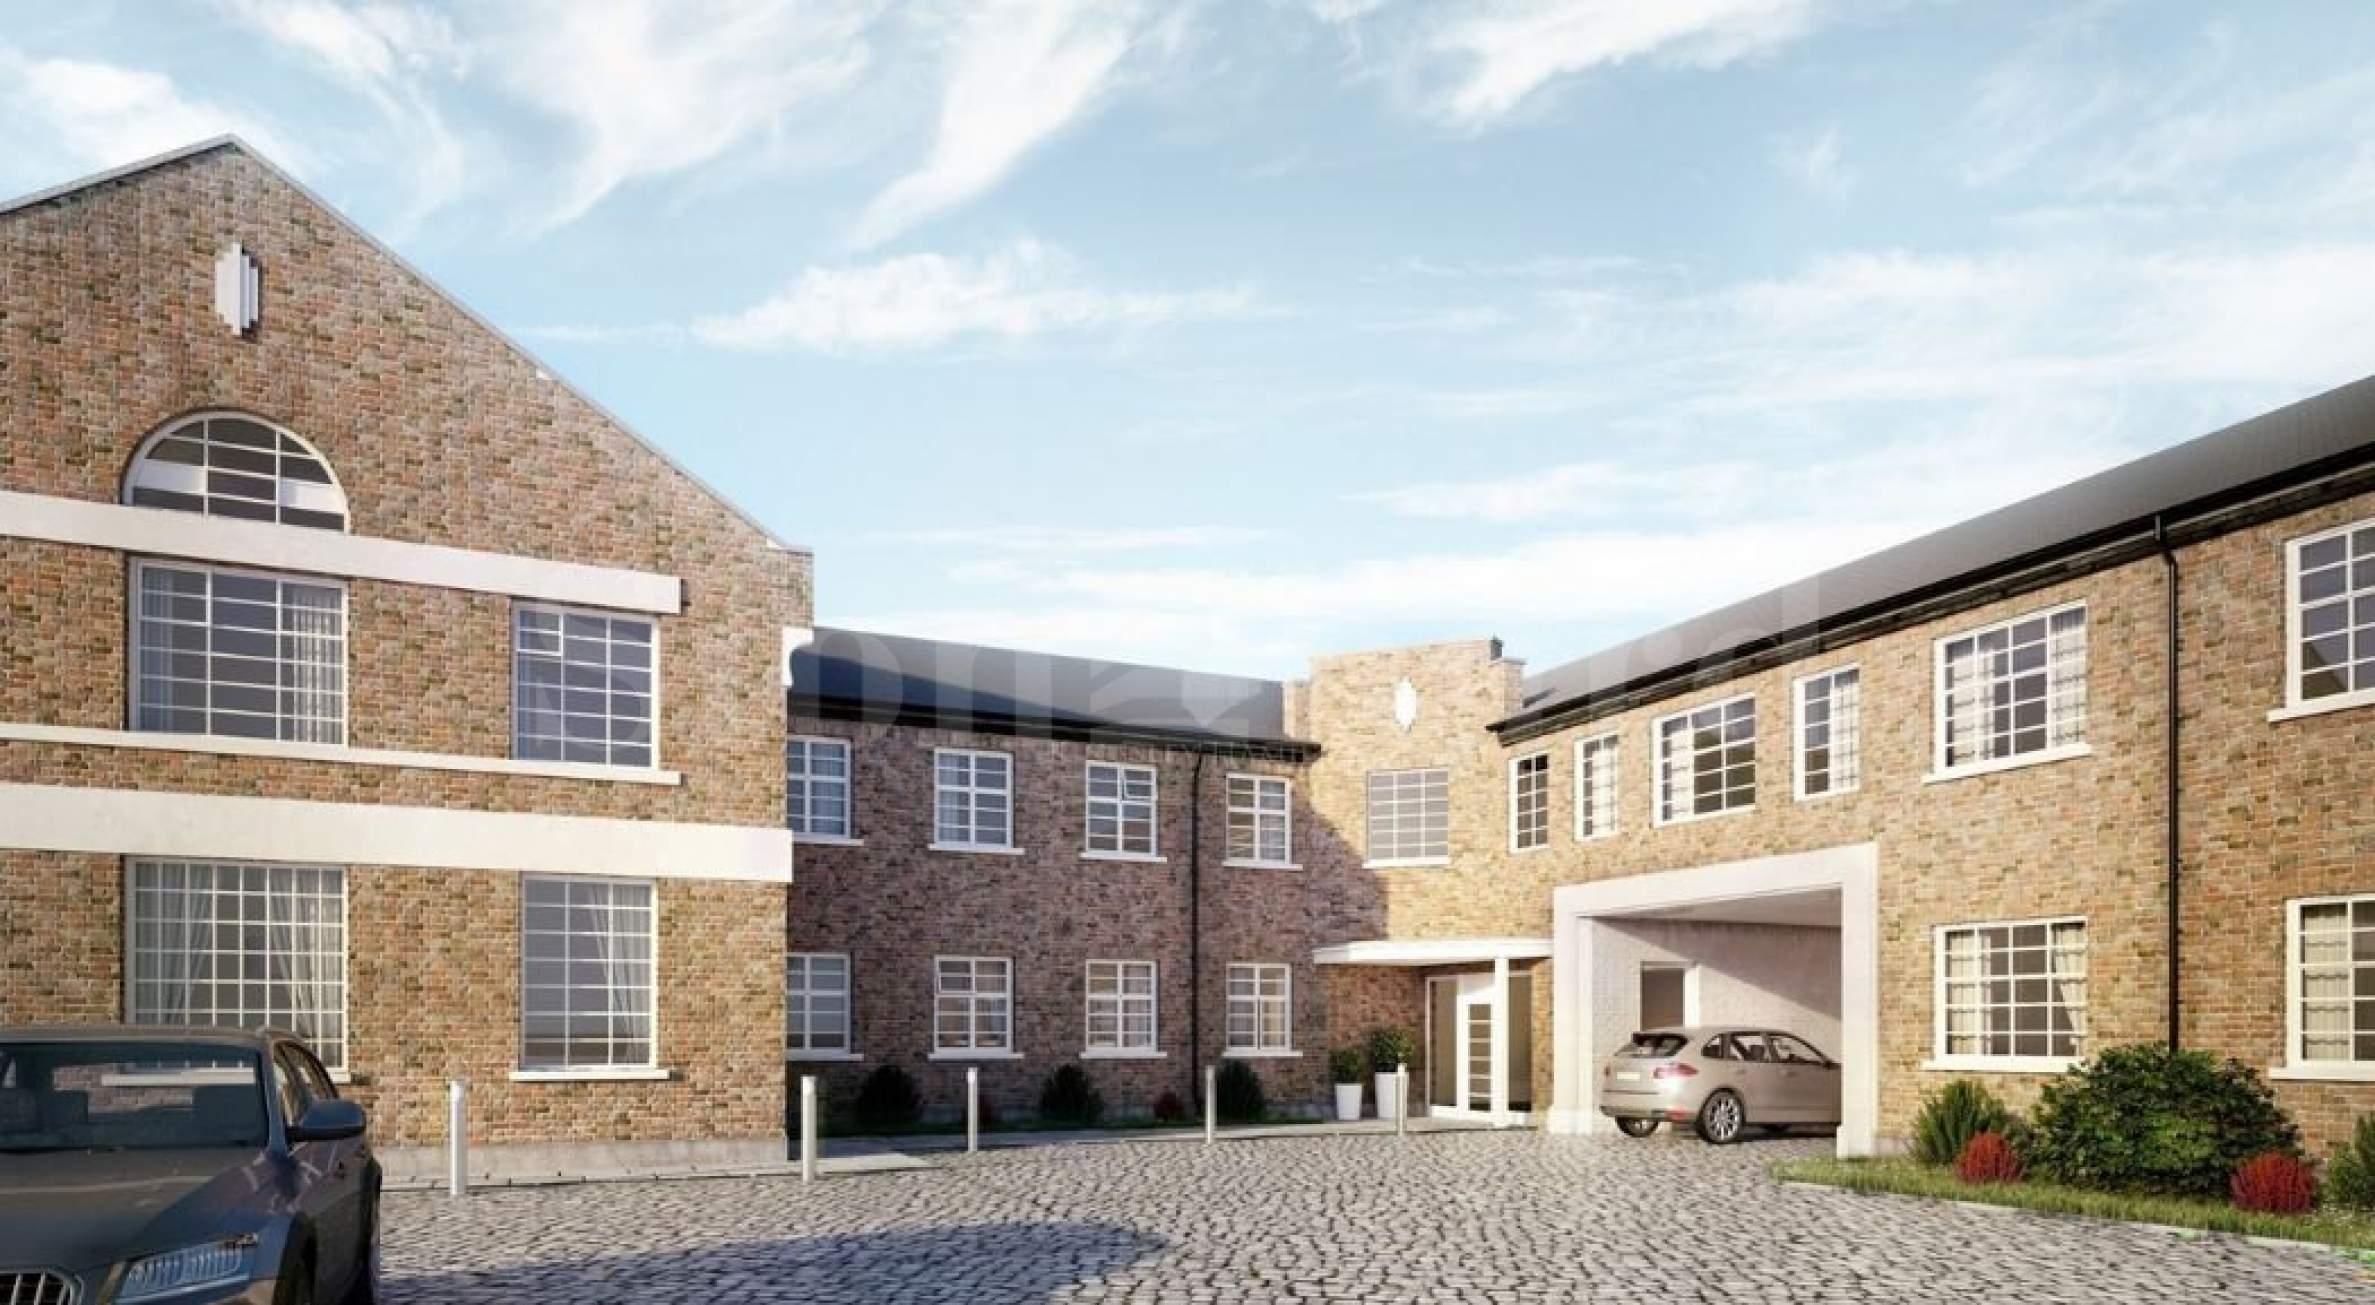 Завършена жилищна сграда в развиващ се квартал1 - Stonehard